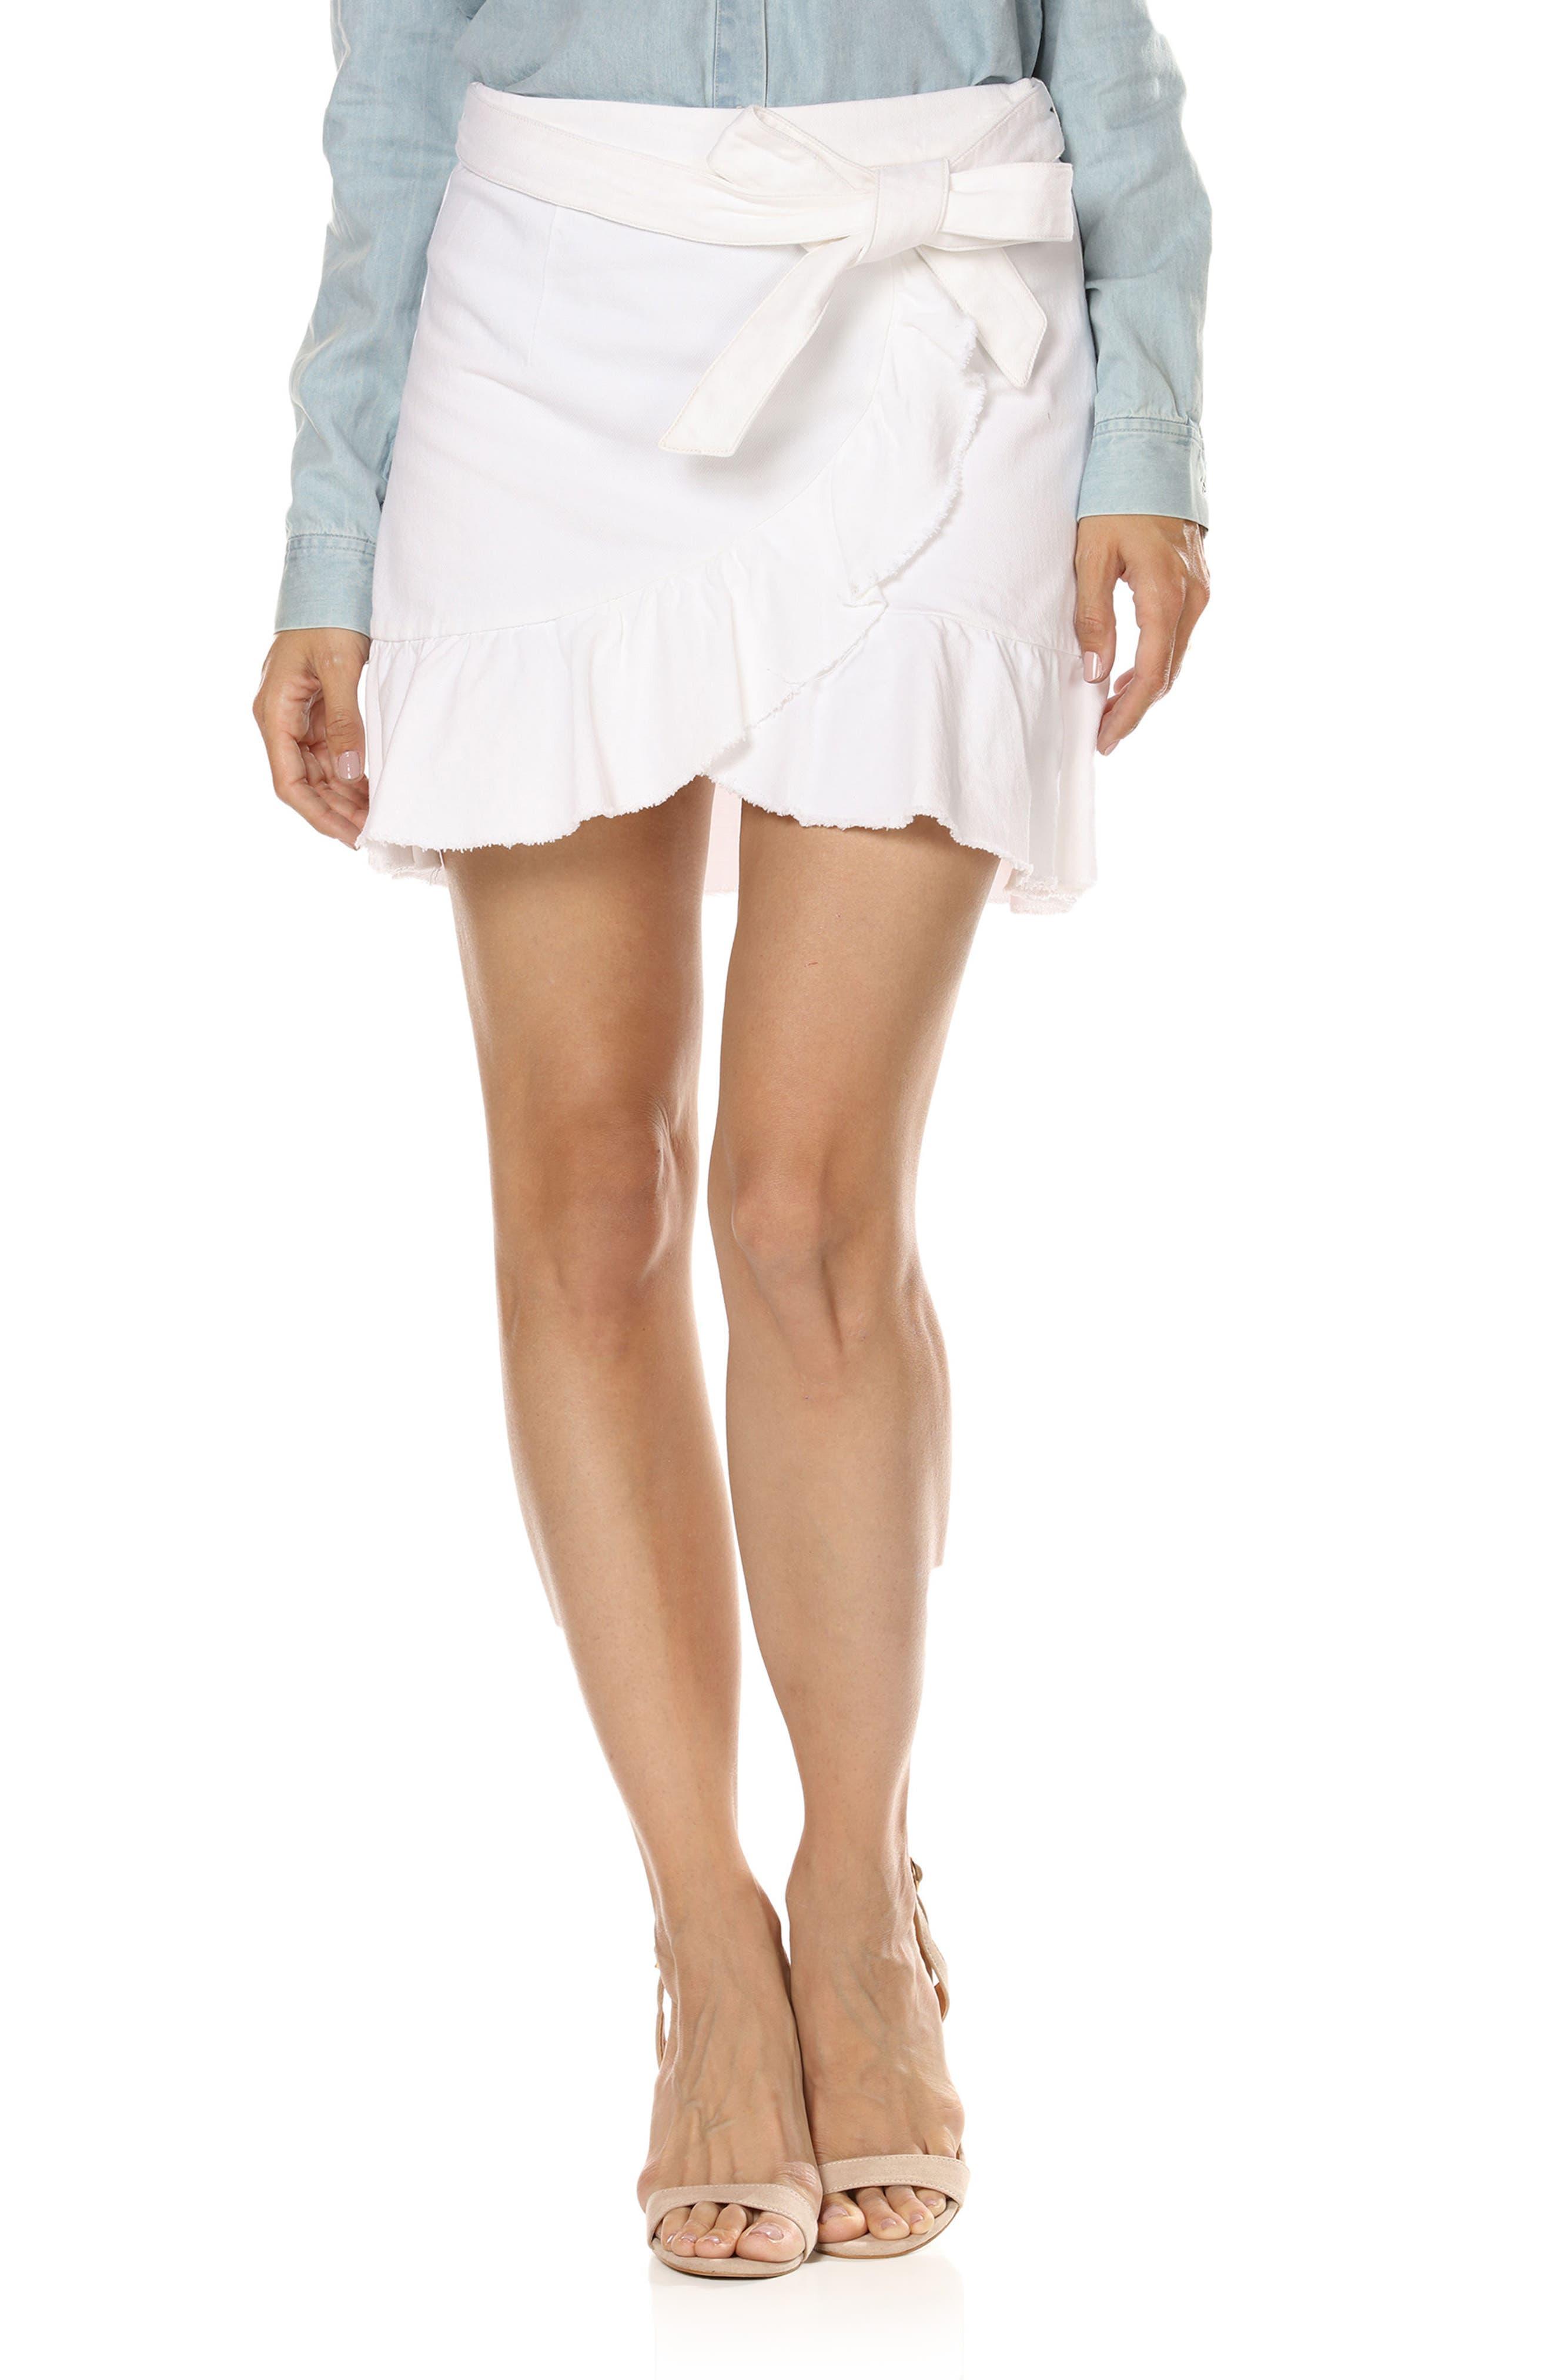 Nivelle Ruffle Denim Skirt,                         Main,                         color, Crisp White